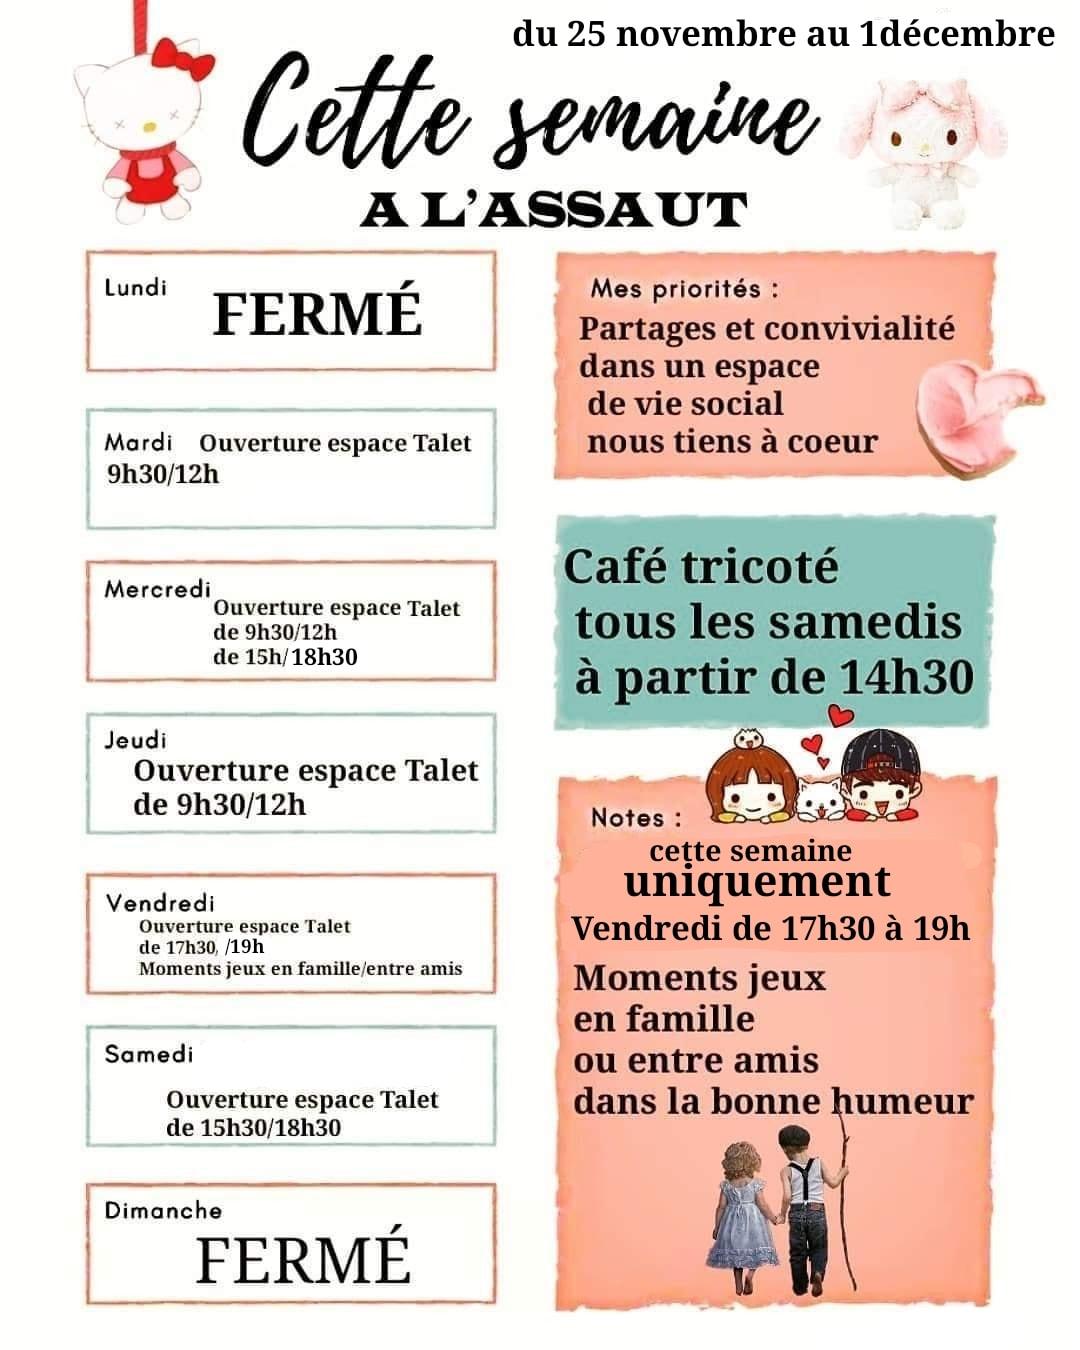 Planning De La Semaine Prochaine Bon Fin De Dimanche - Ville à Comptine Bonjour Madame Lundi